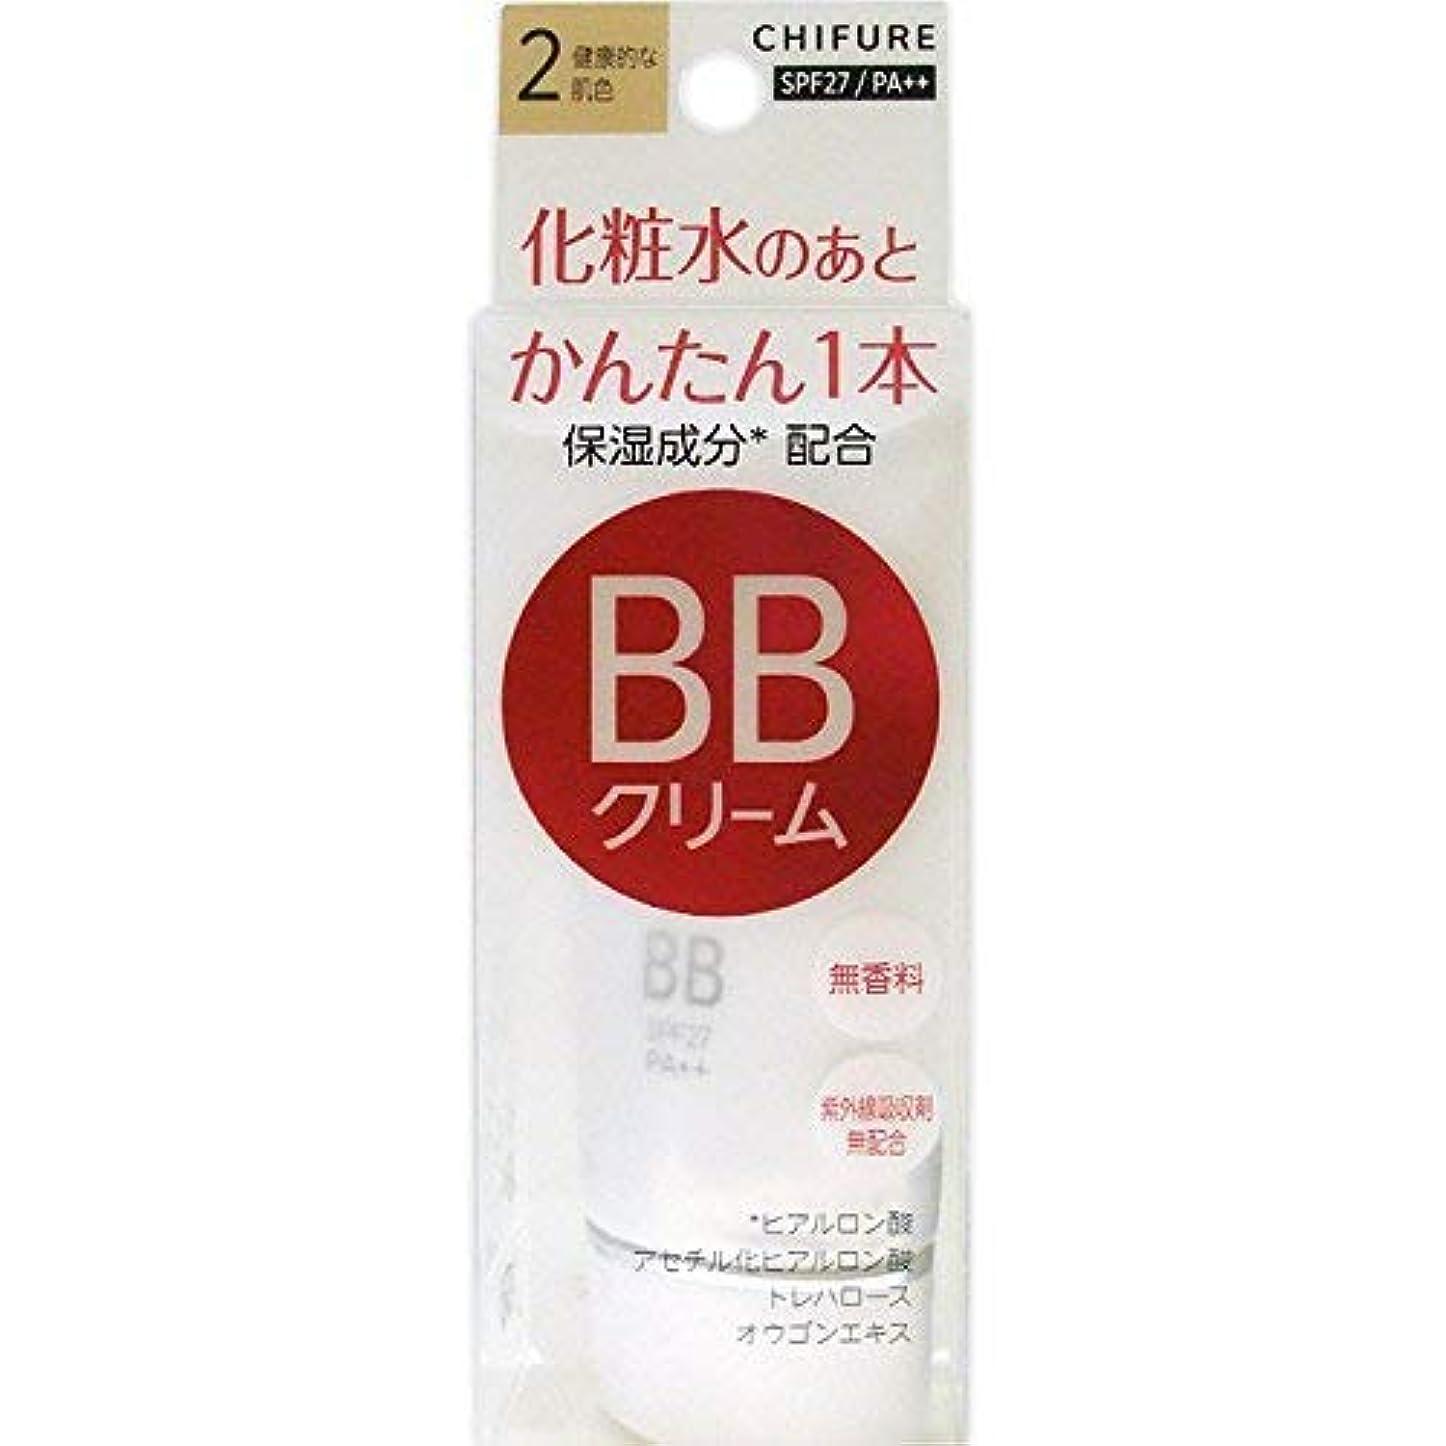 ボクシングメダリスト腹部ちふれ化粧品 BB クリーム 2 健康的な肌色 BBクリーム 2